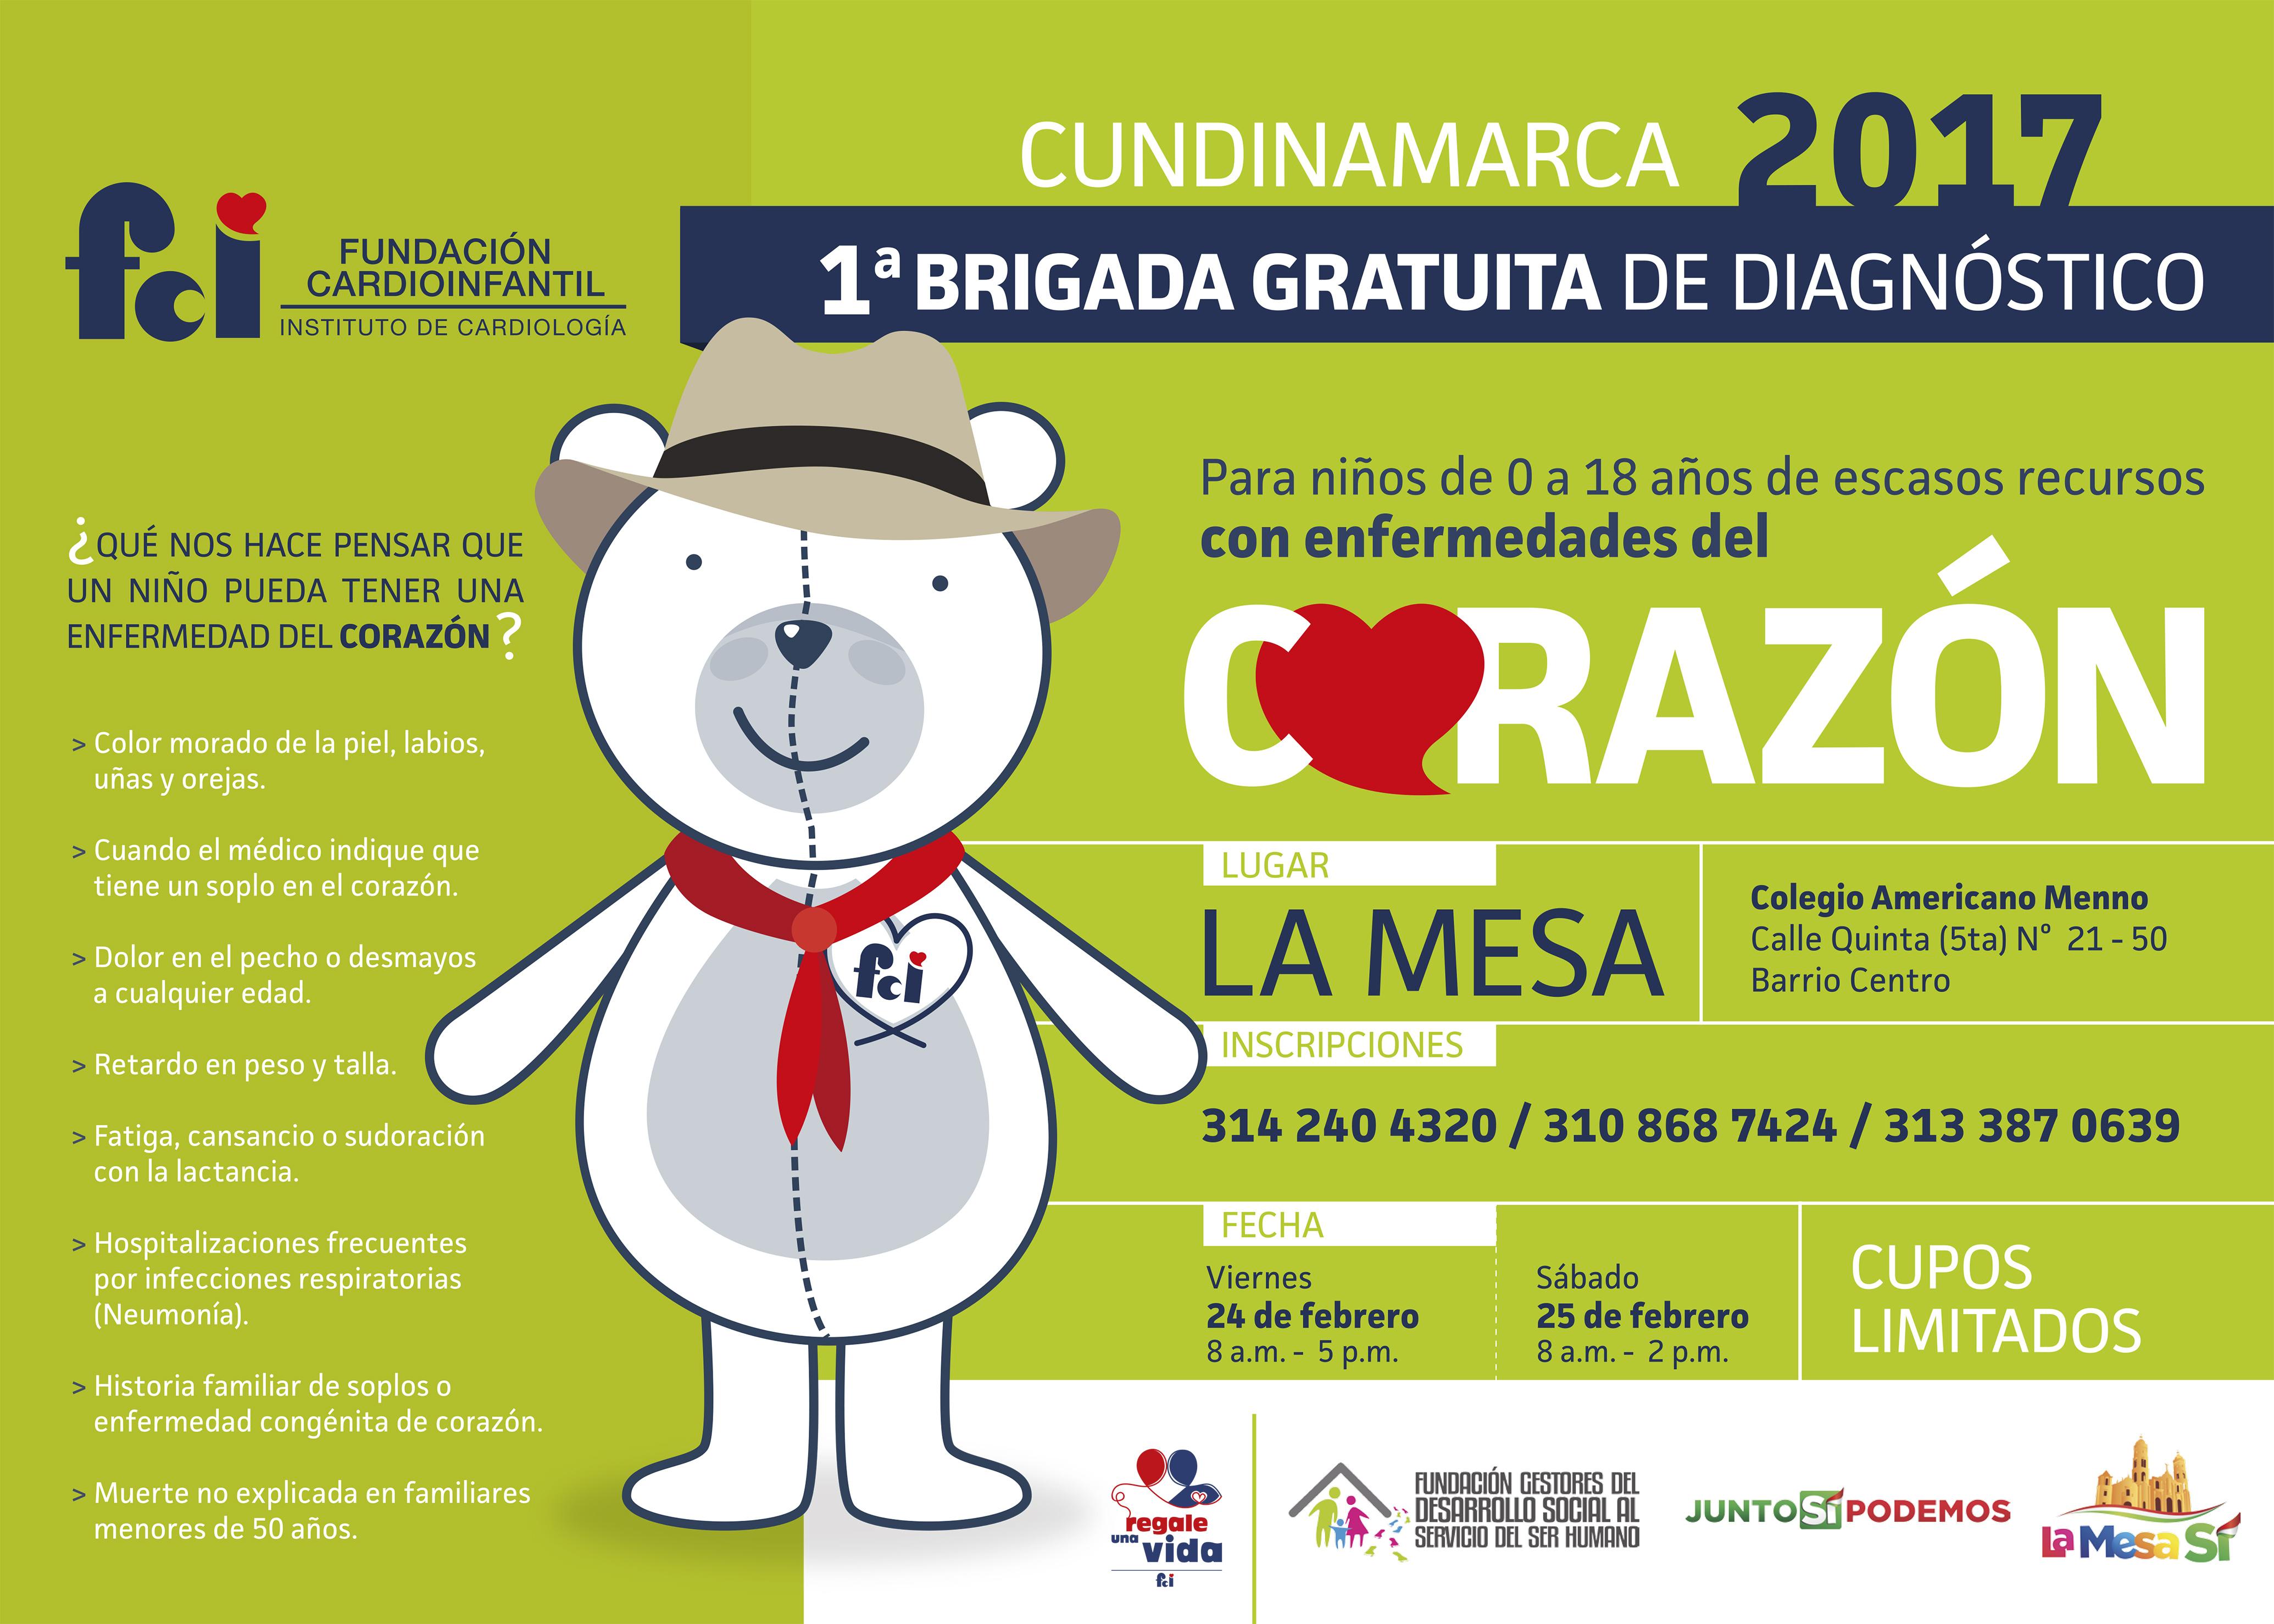 Médicos de la Fundación Cardioinfantil atenderán de manera gratuita ...